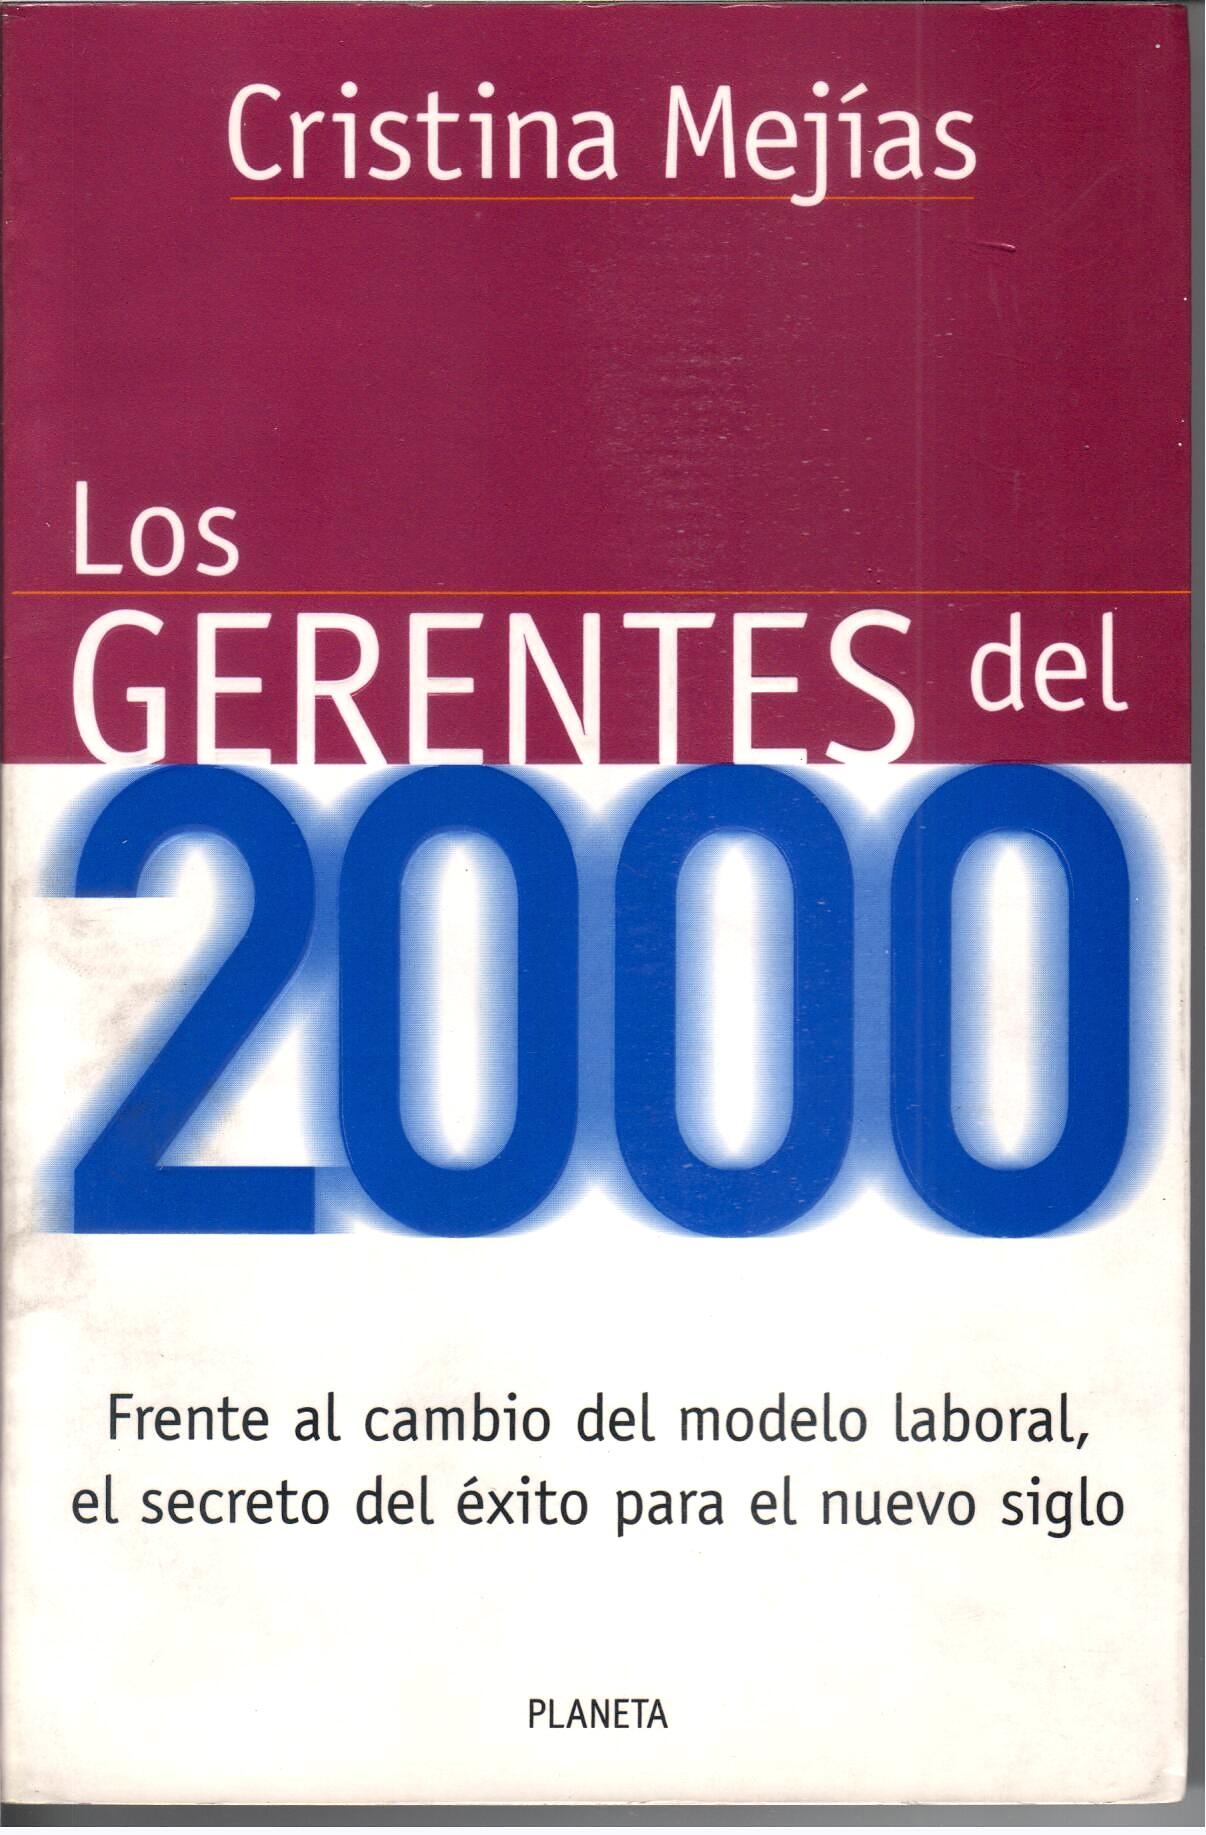 Los gerentes del 2000